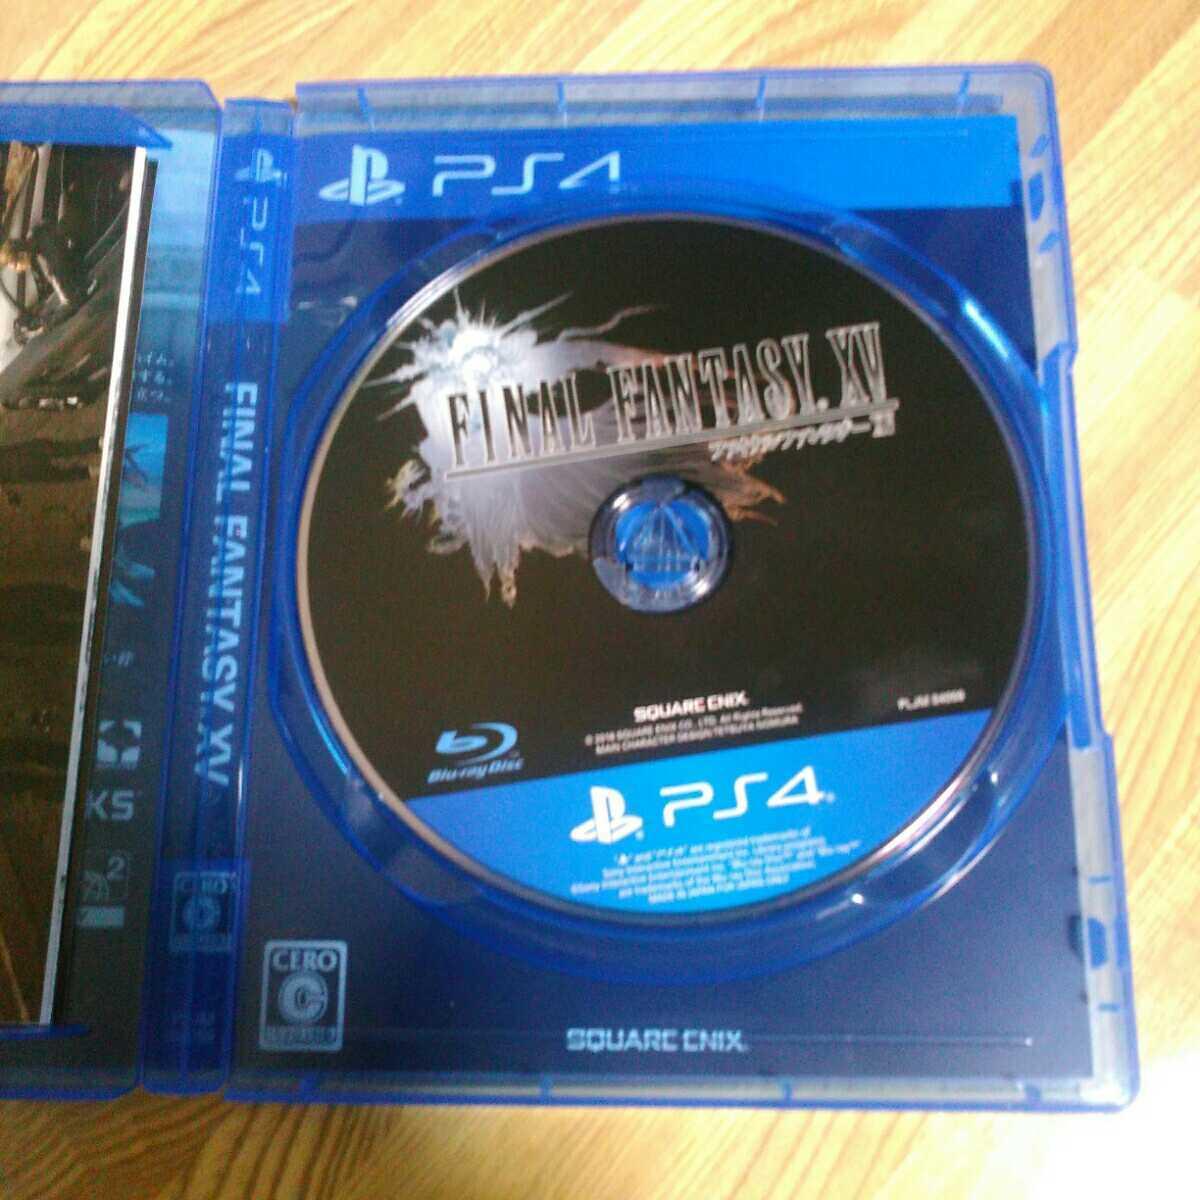 ファイナルファンタジー15 送料無料 匿名配送 即決 PS4 スクウェアエニックス